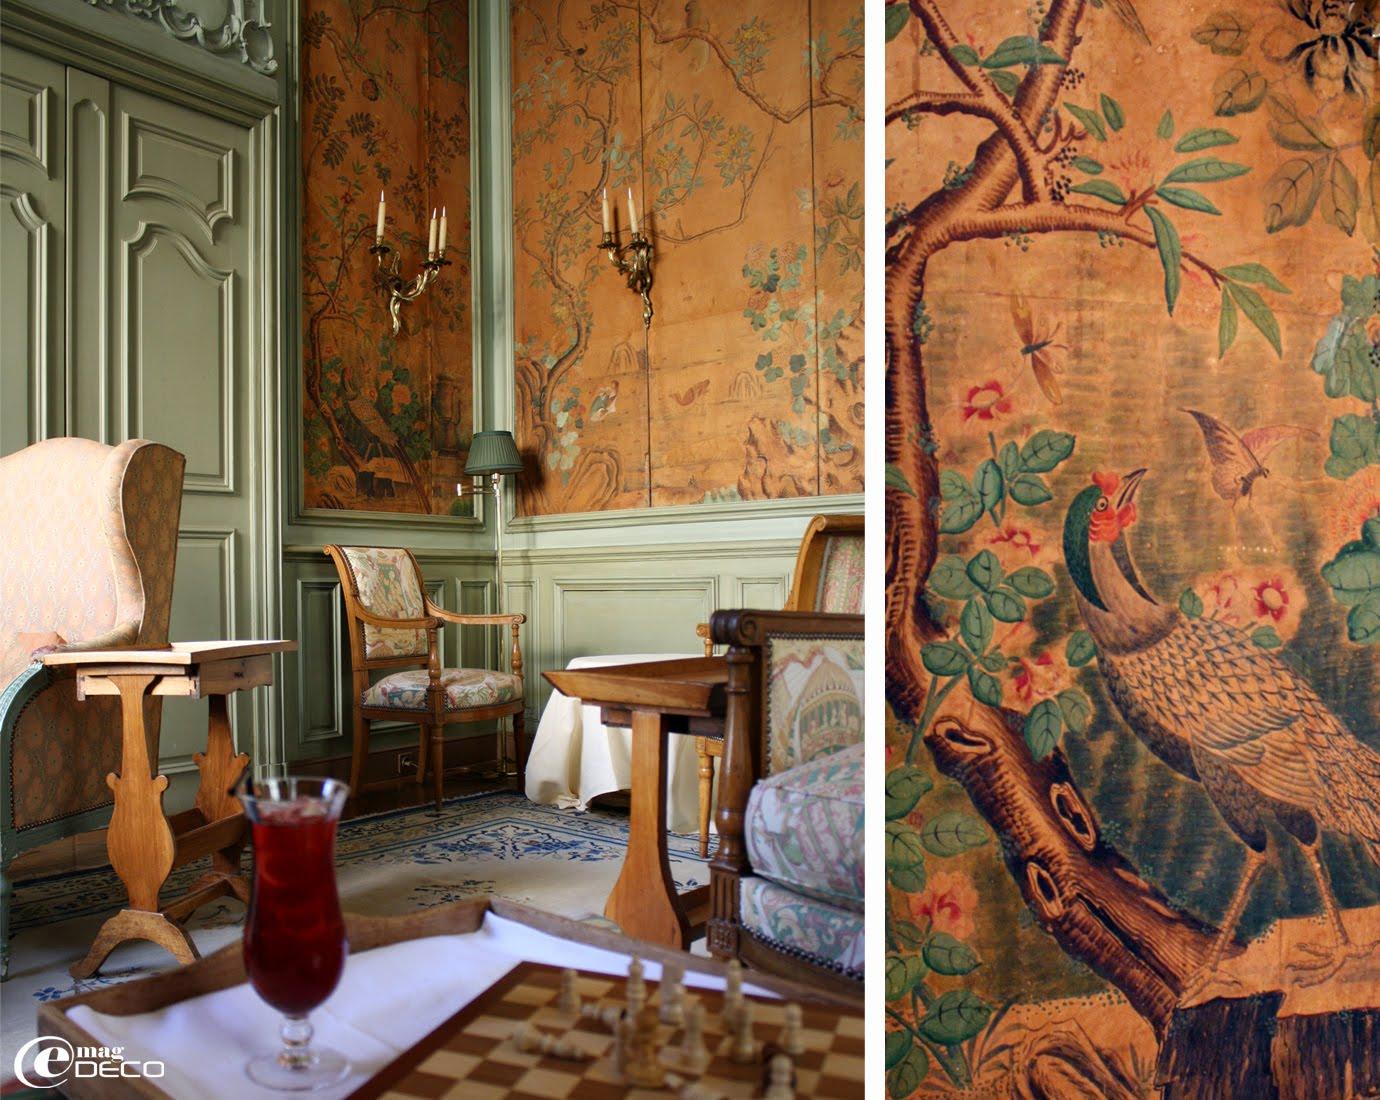 Détail de papier peint datant du XVIIIème siècle dans le cabinet chinois de l'Hôtel La Mirande